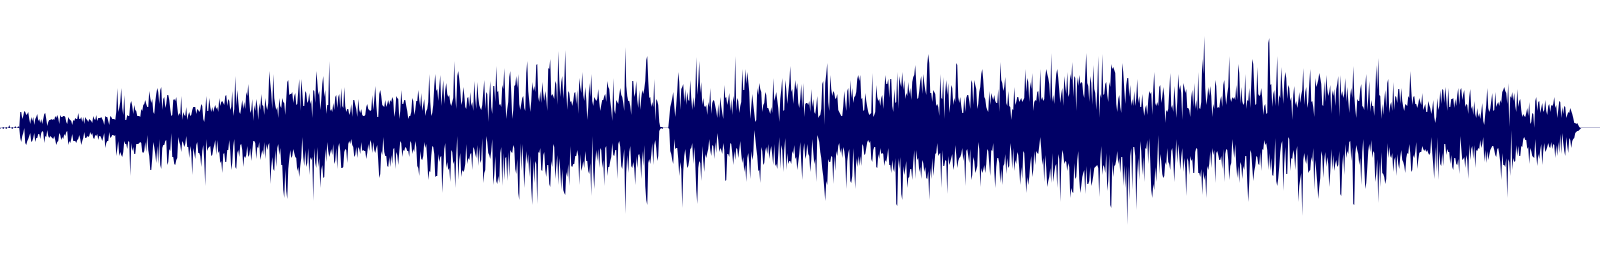 waveform of track #147456